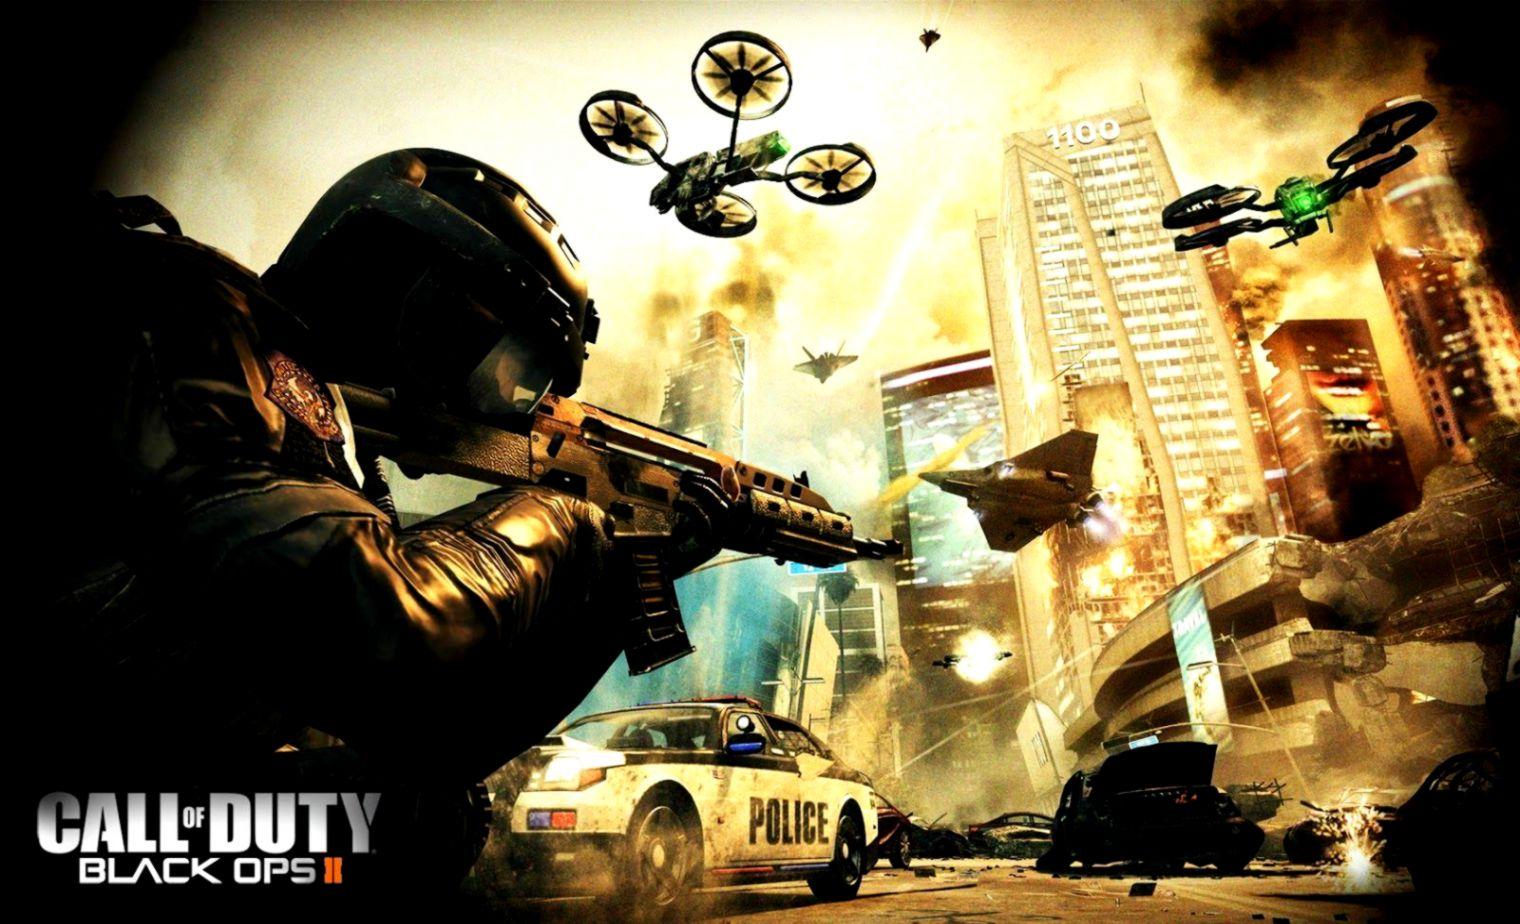 Call Of Duty Black Ops 2 Game Hd Wallpaper Safari Wallpapers